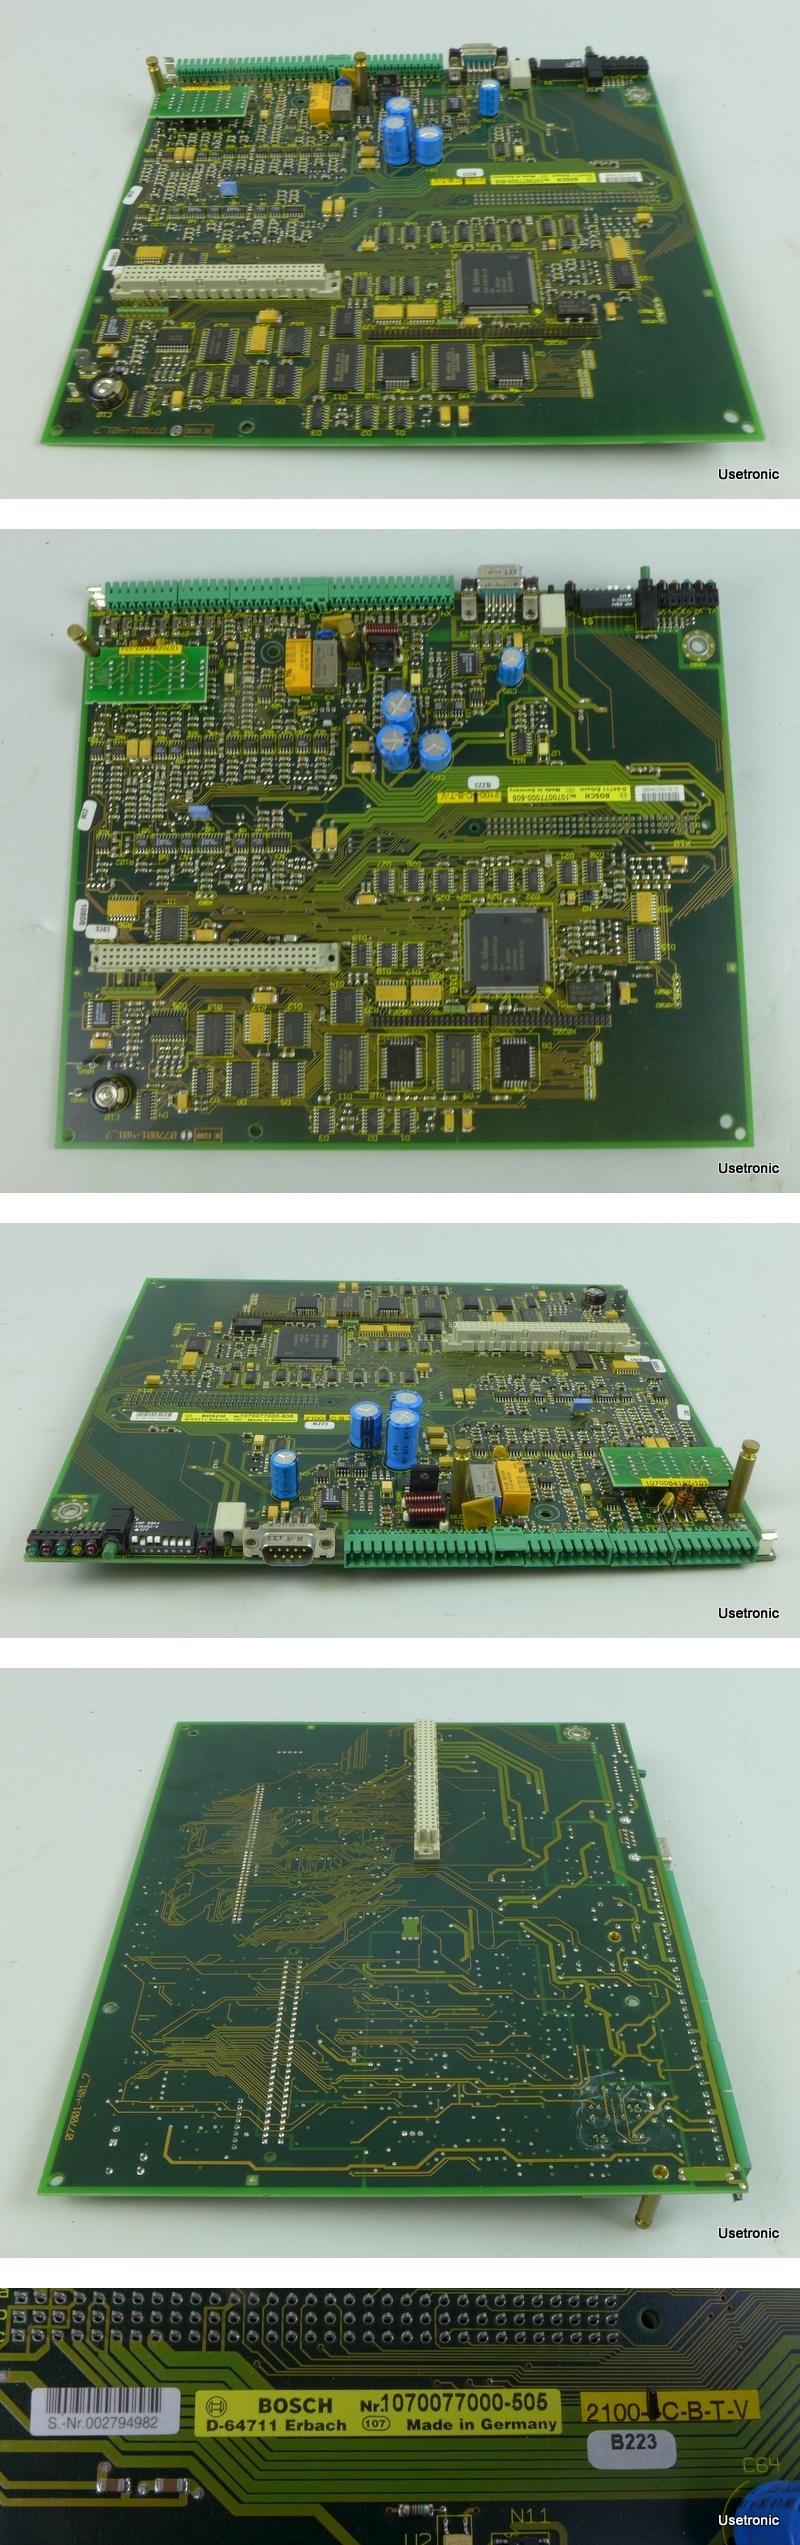 Bosch 1070077000-505